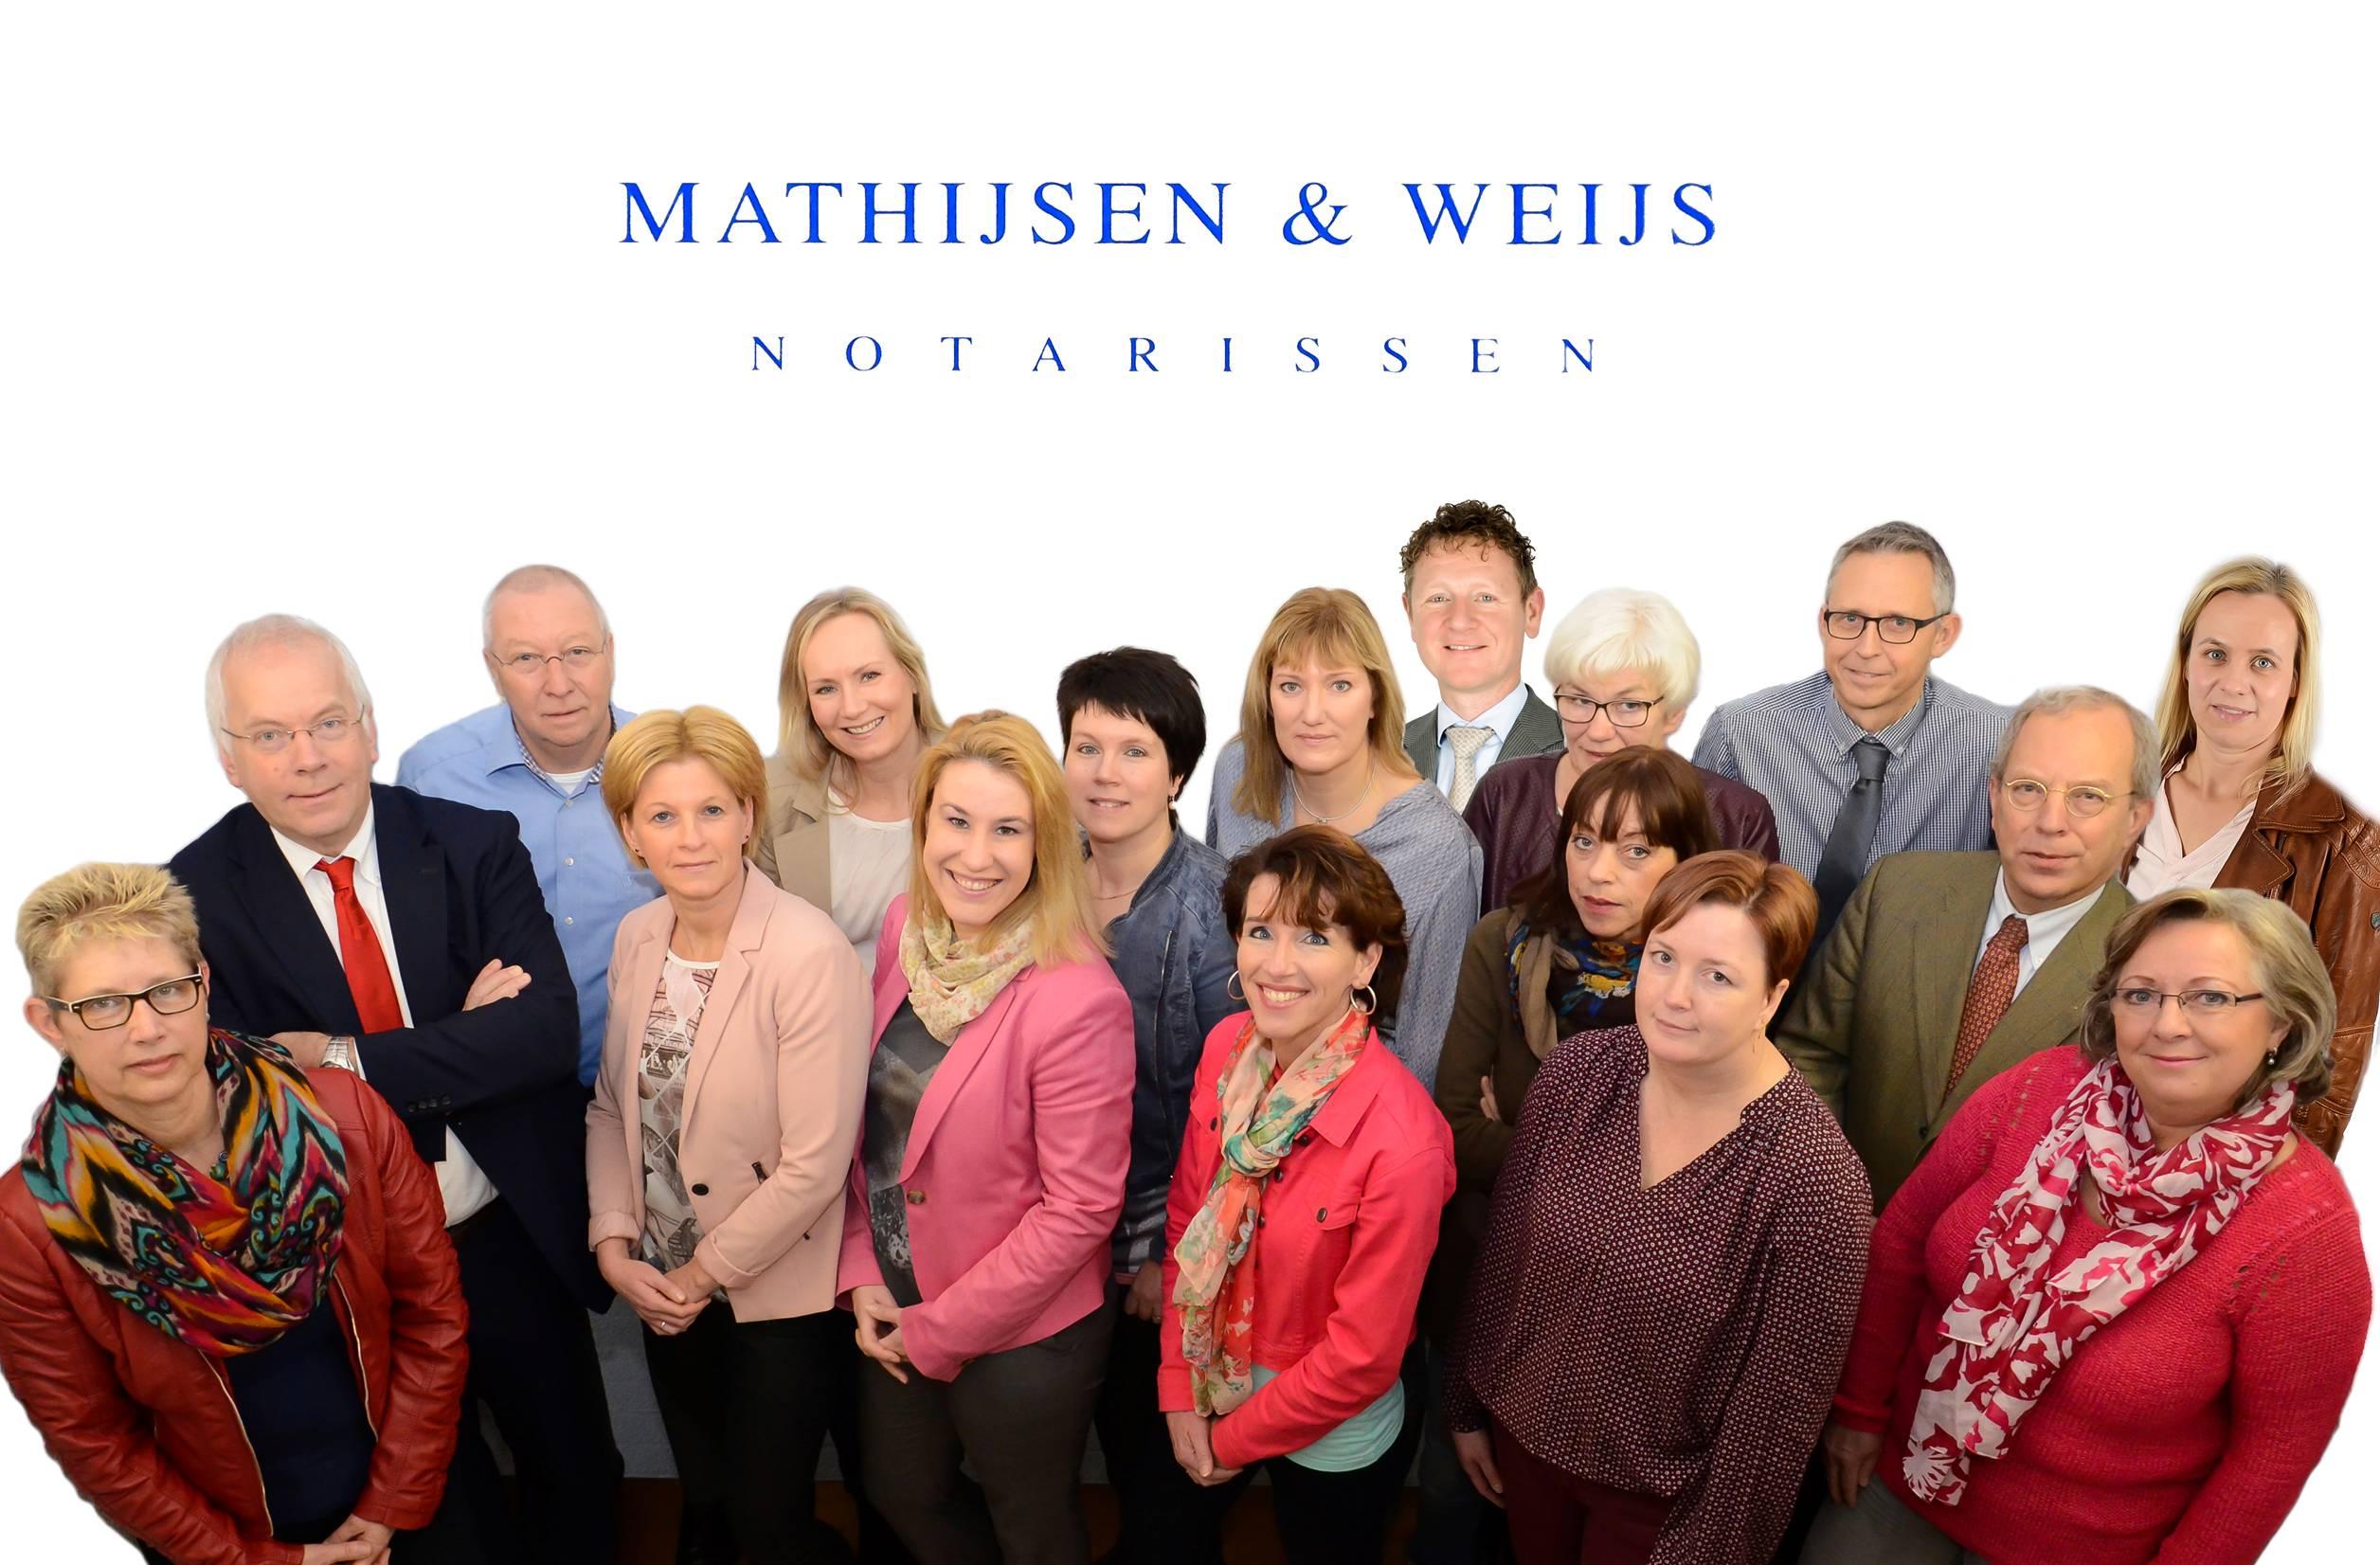 Groepsfoto-Mathijssen-en-Weijs-1-van-1-e1451382848476